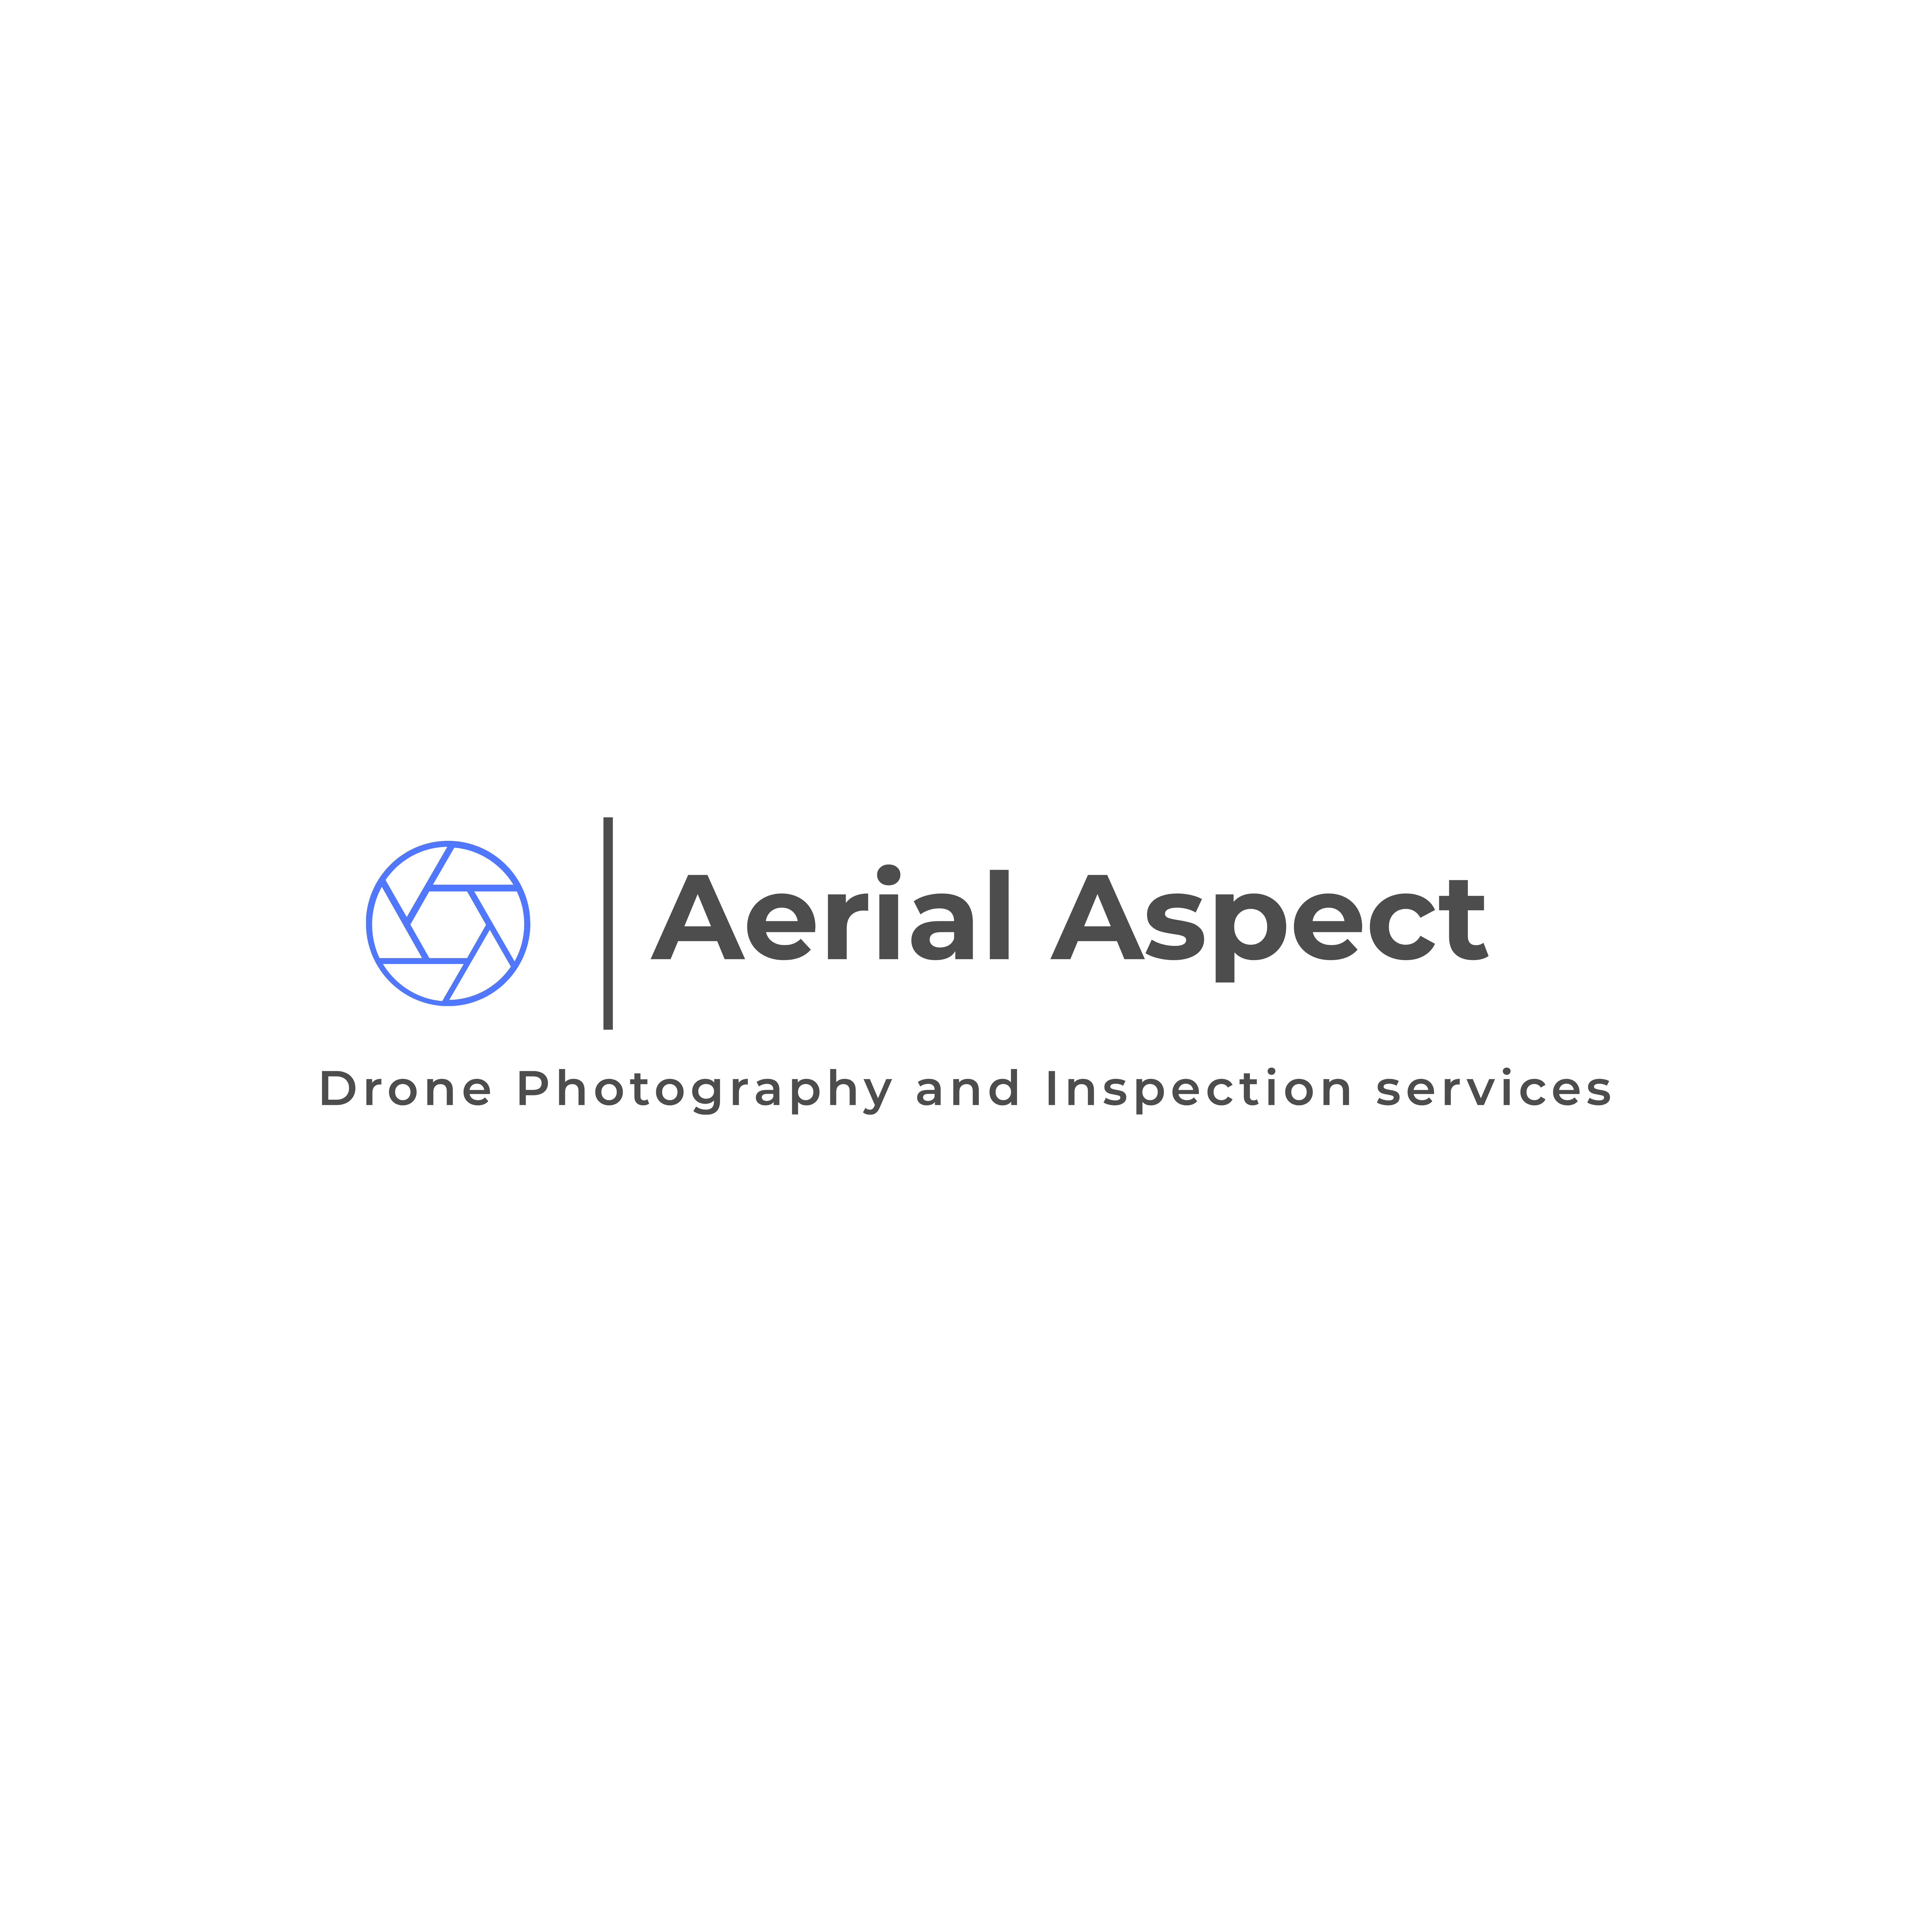 Aerial Aspect